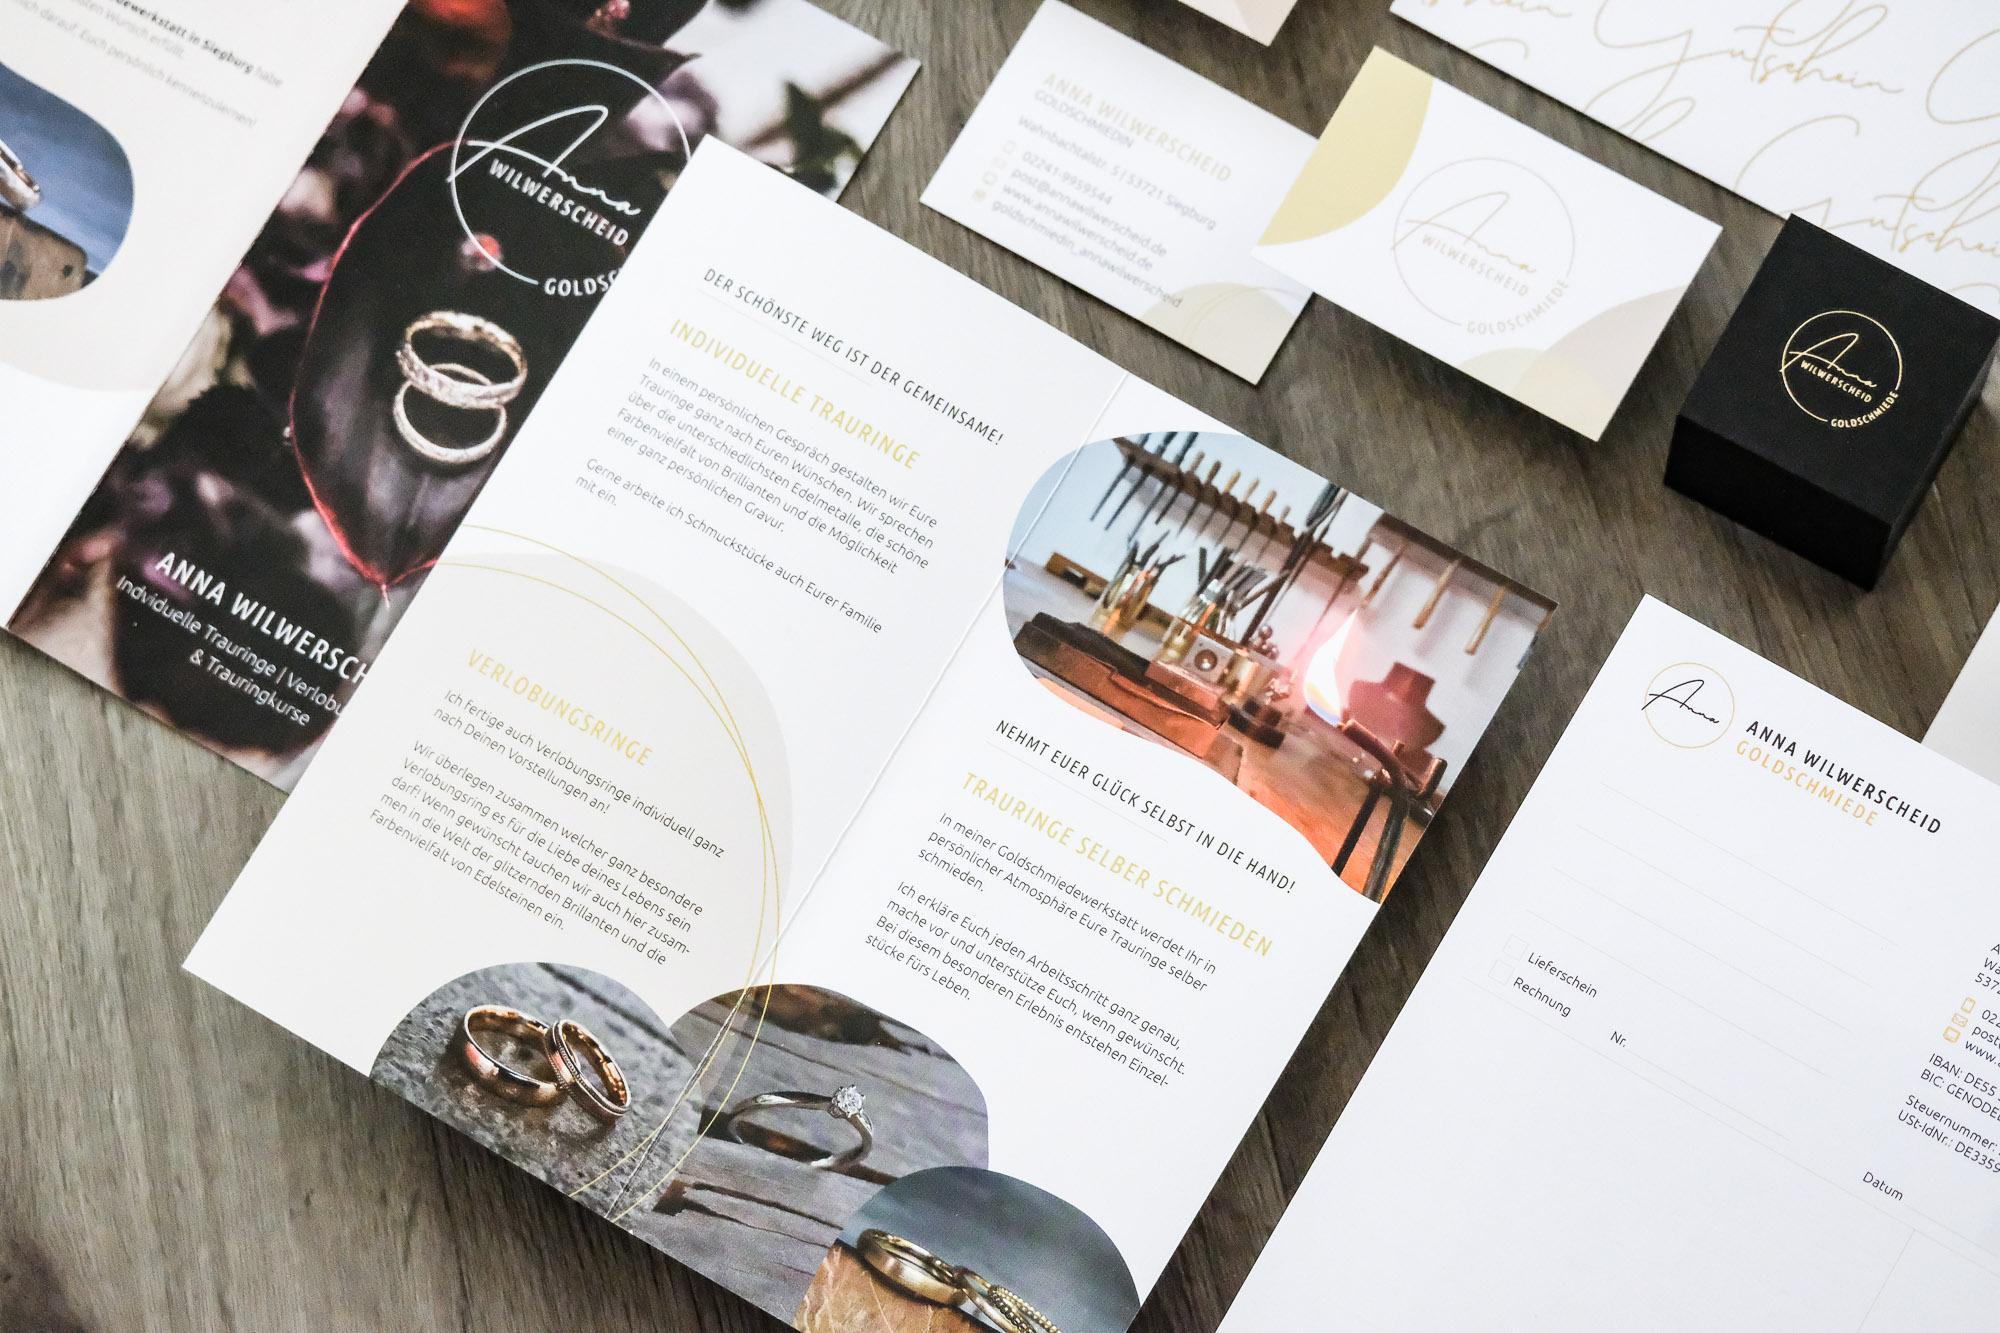 Gutscheine Postkarte Visitenkarte Briefbogen Briefpapier Flyer Rechnungsblock Ringkästchen Golddruck Goldschmiede Anna Wilwerscheid